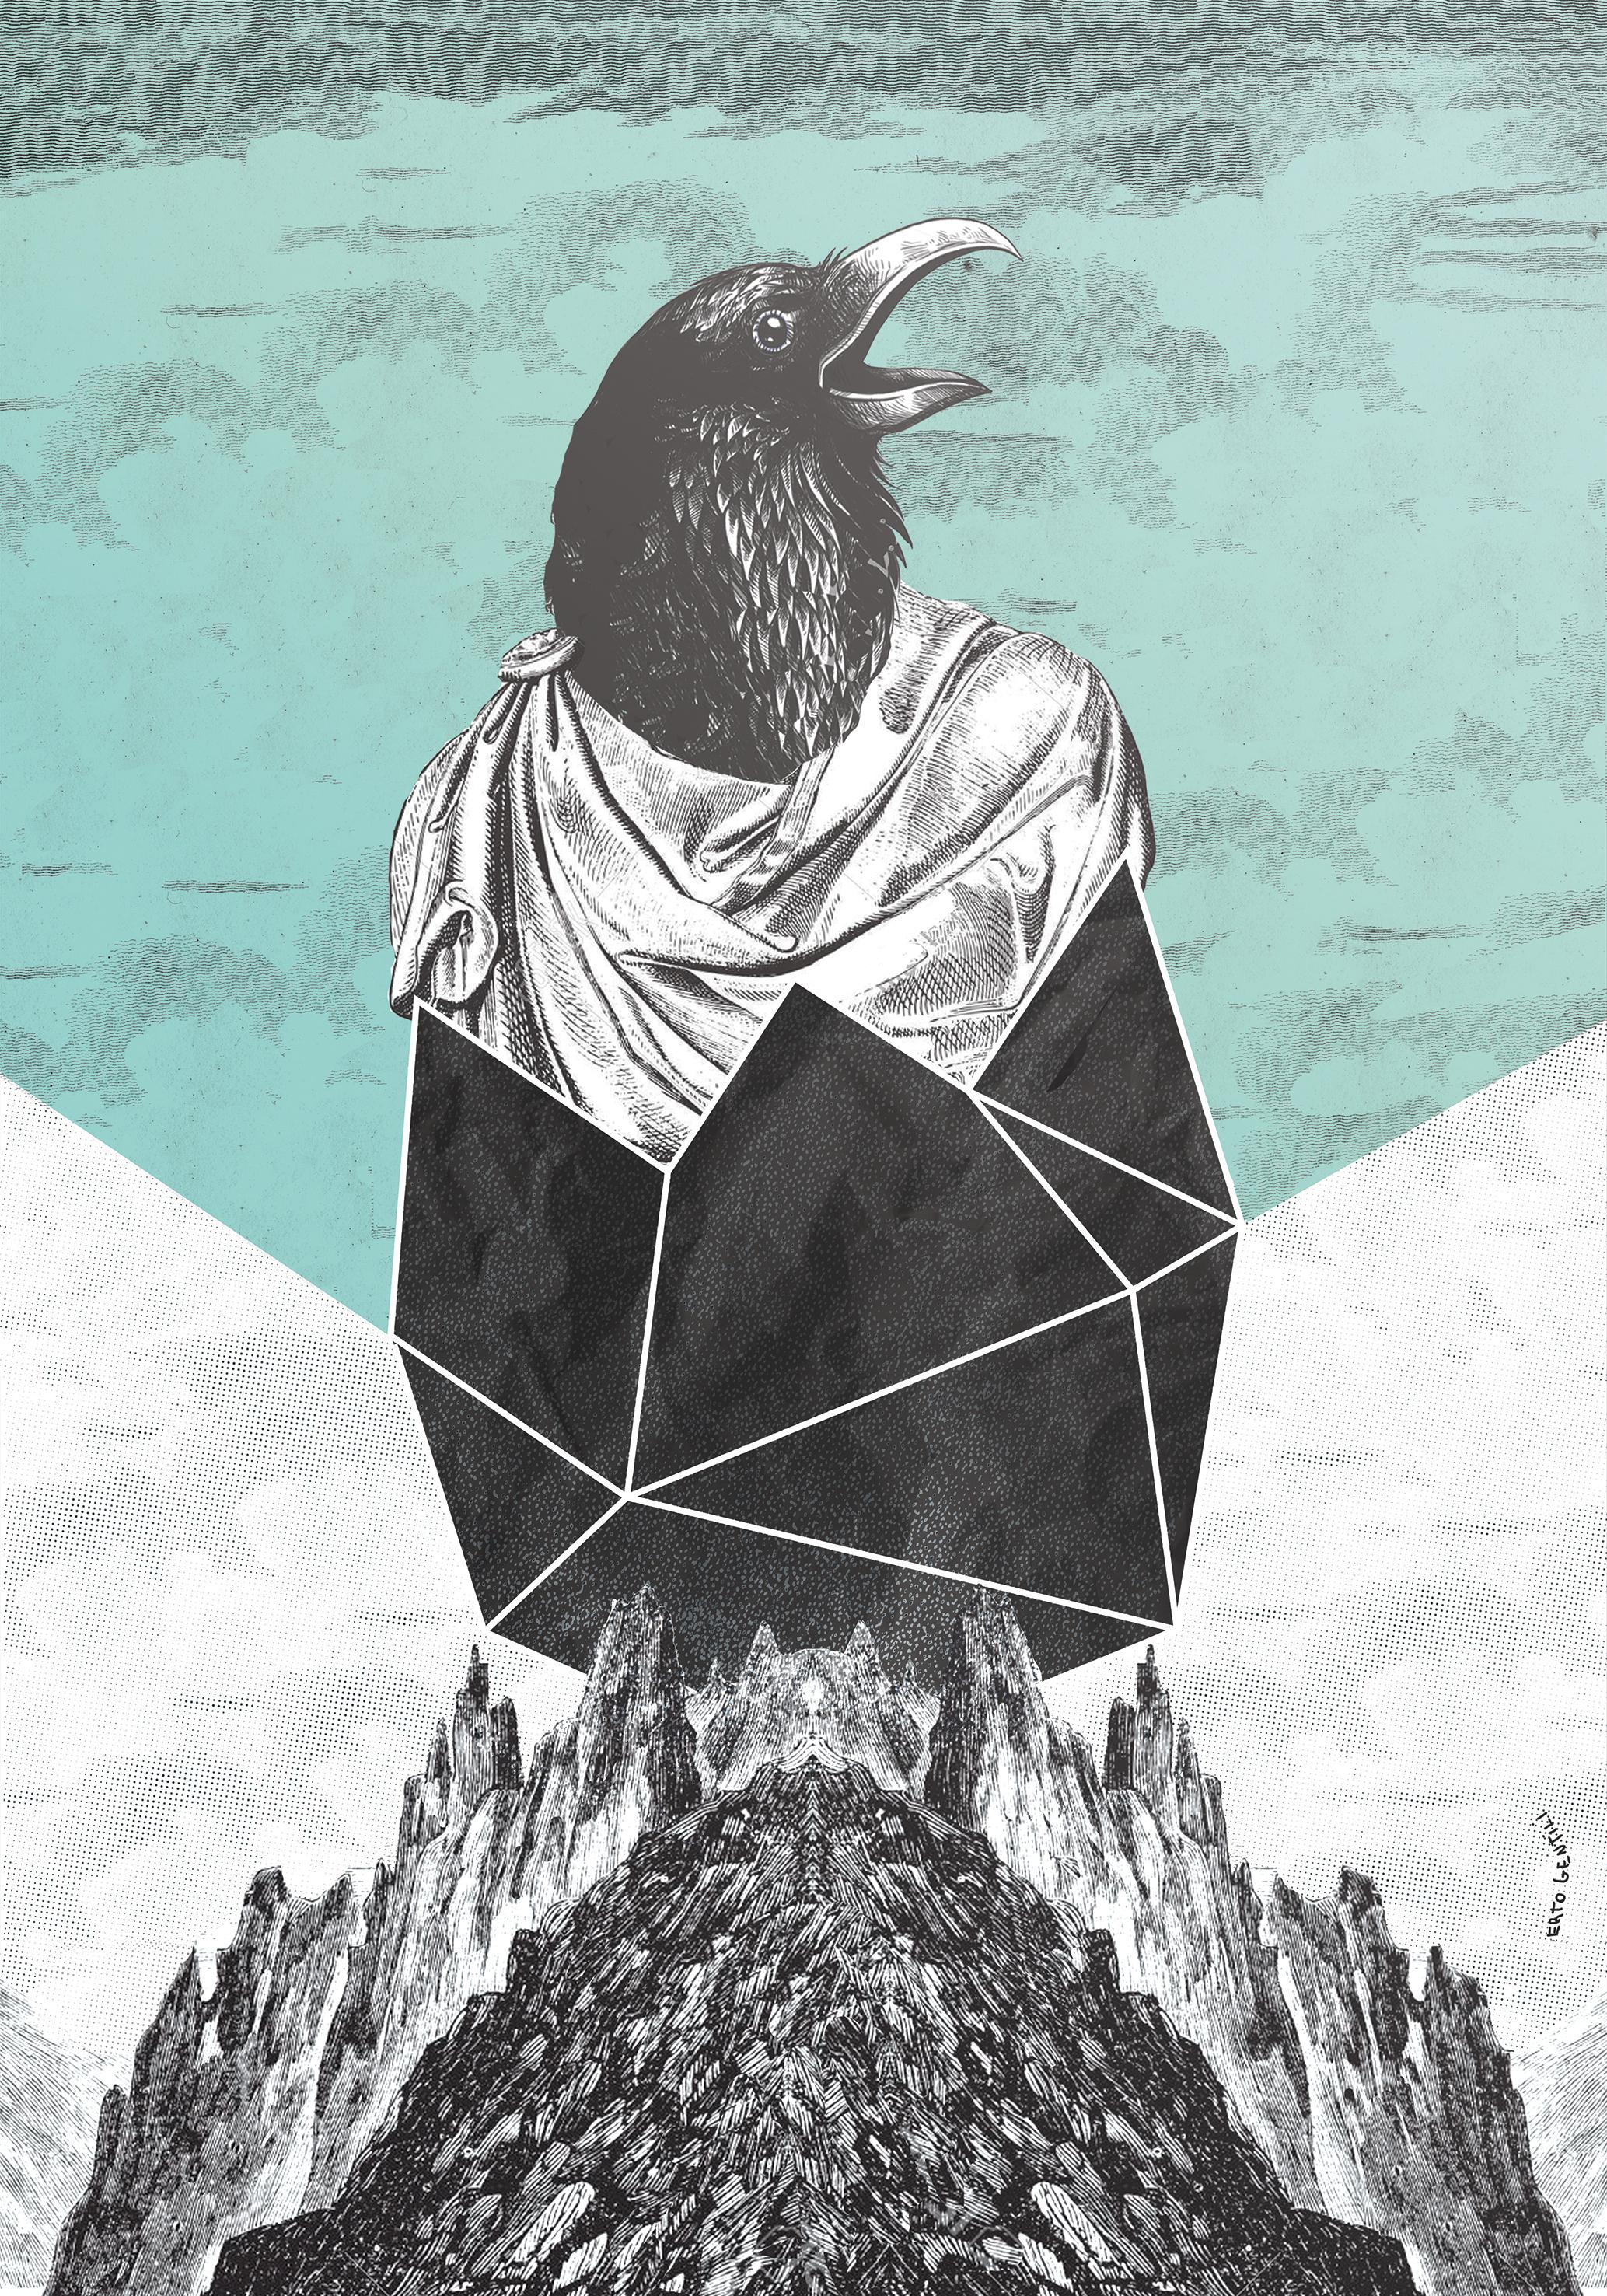 Visions, la visione post apocalittica nei poster di Roberto Gentili | Collater.al 6